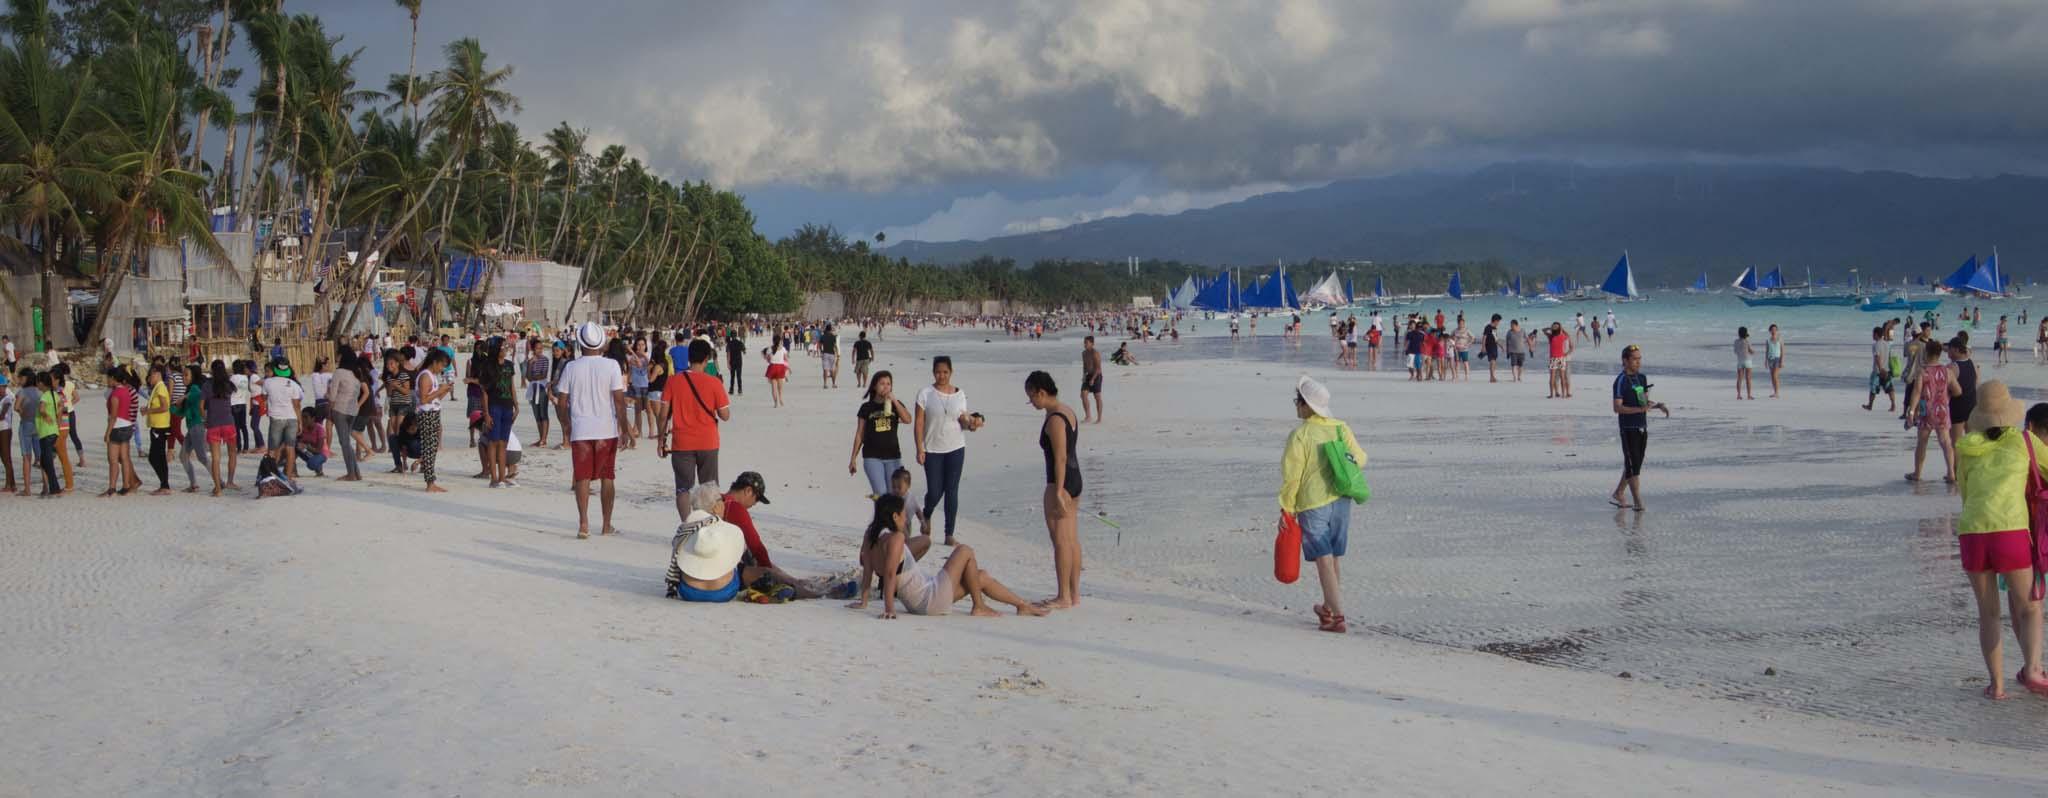 Boracay_20150802_059-060.tiff